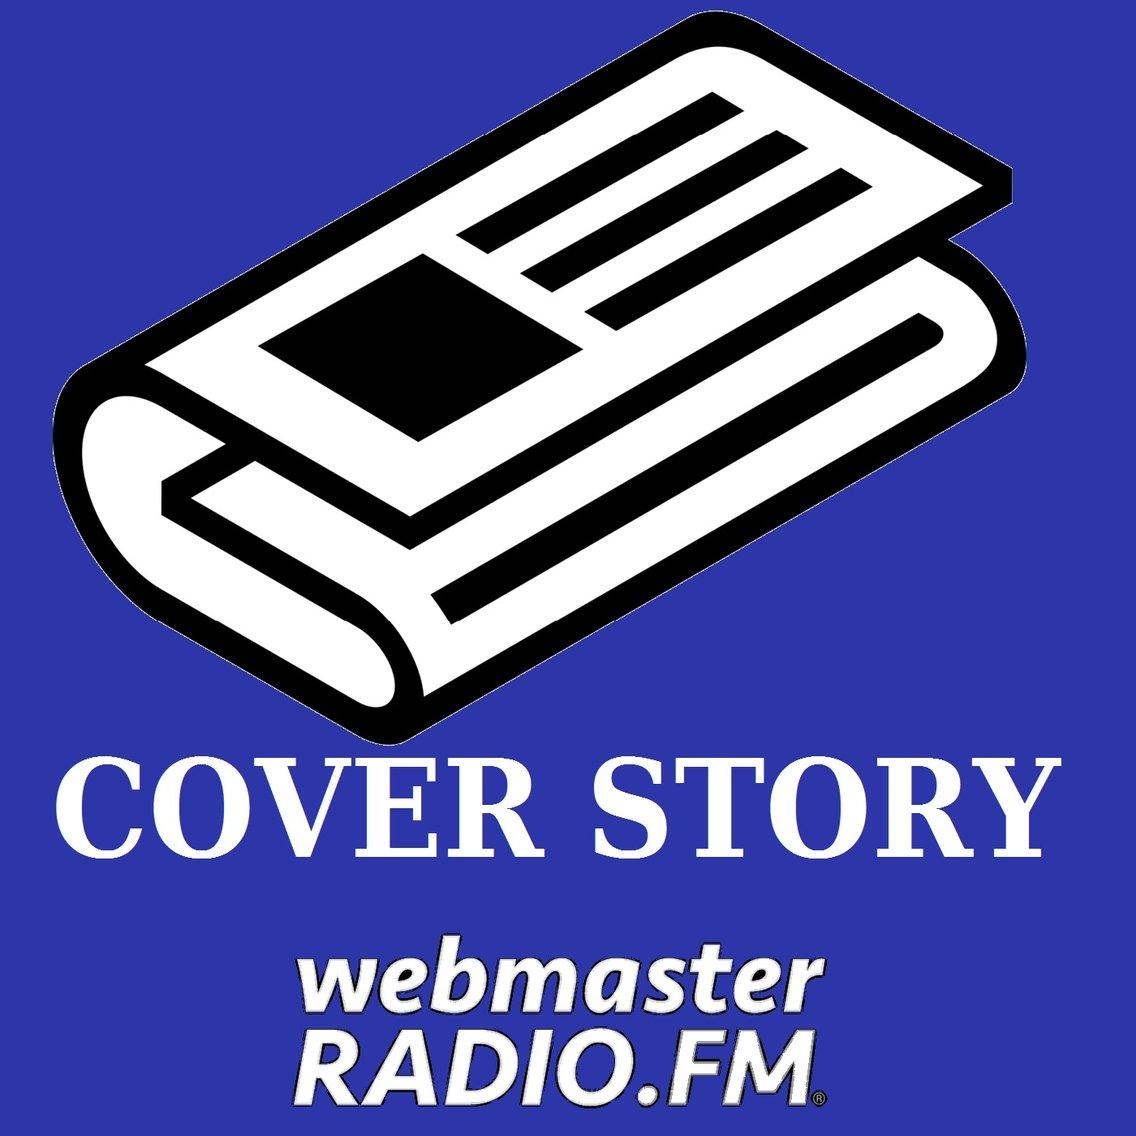 Cover Story on WebmasterRadio.fm - imagen de portada